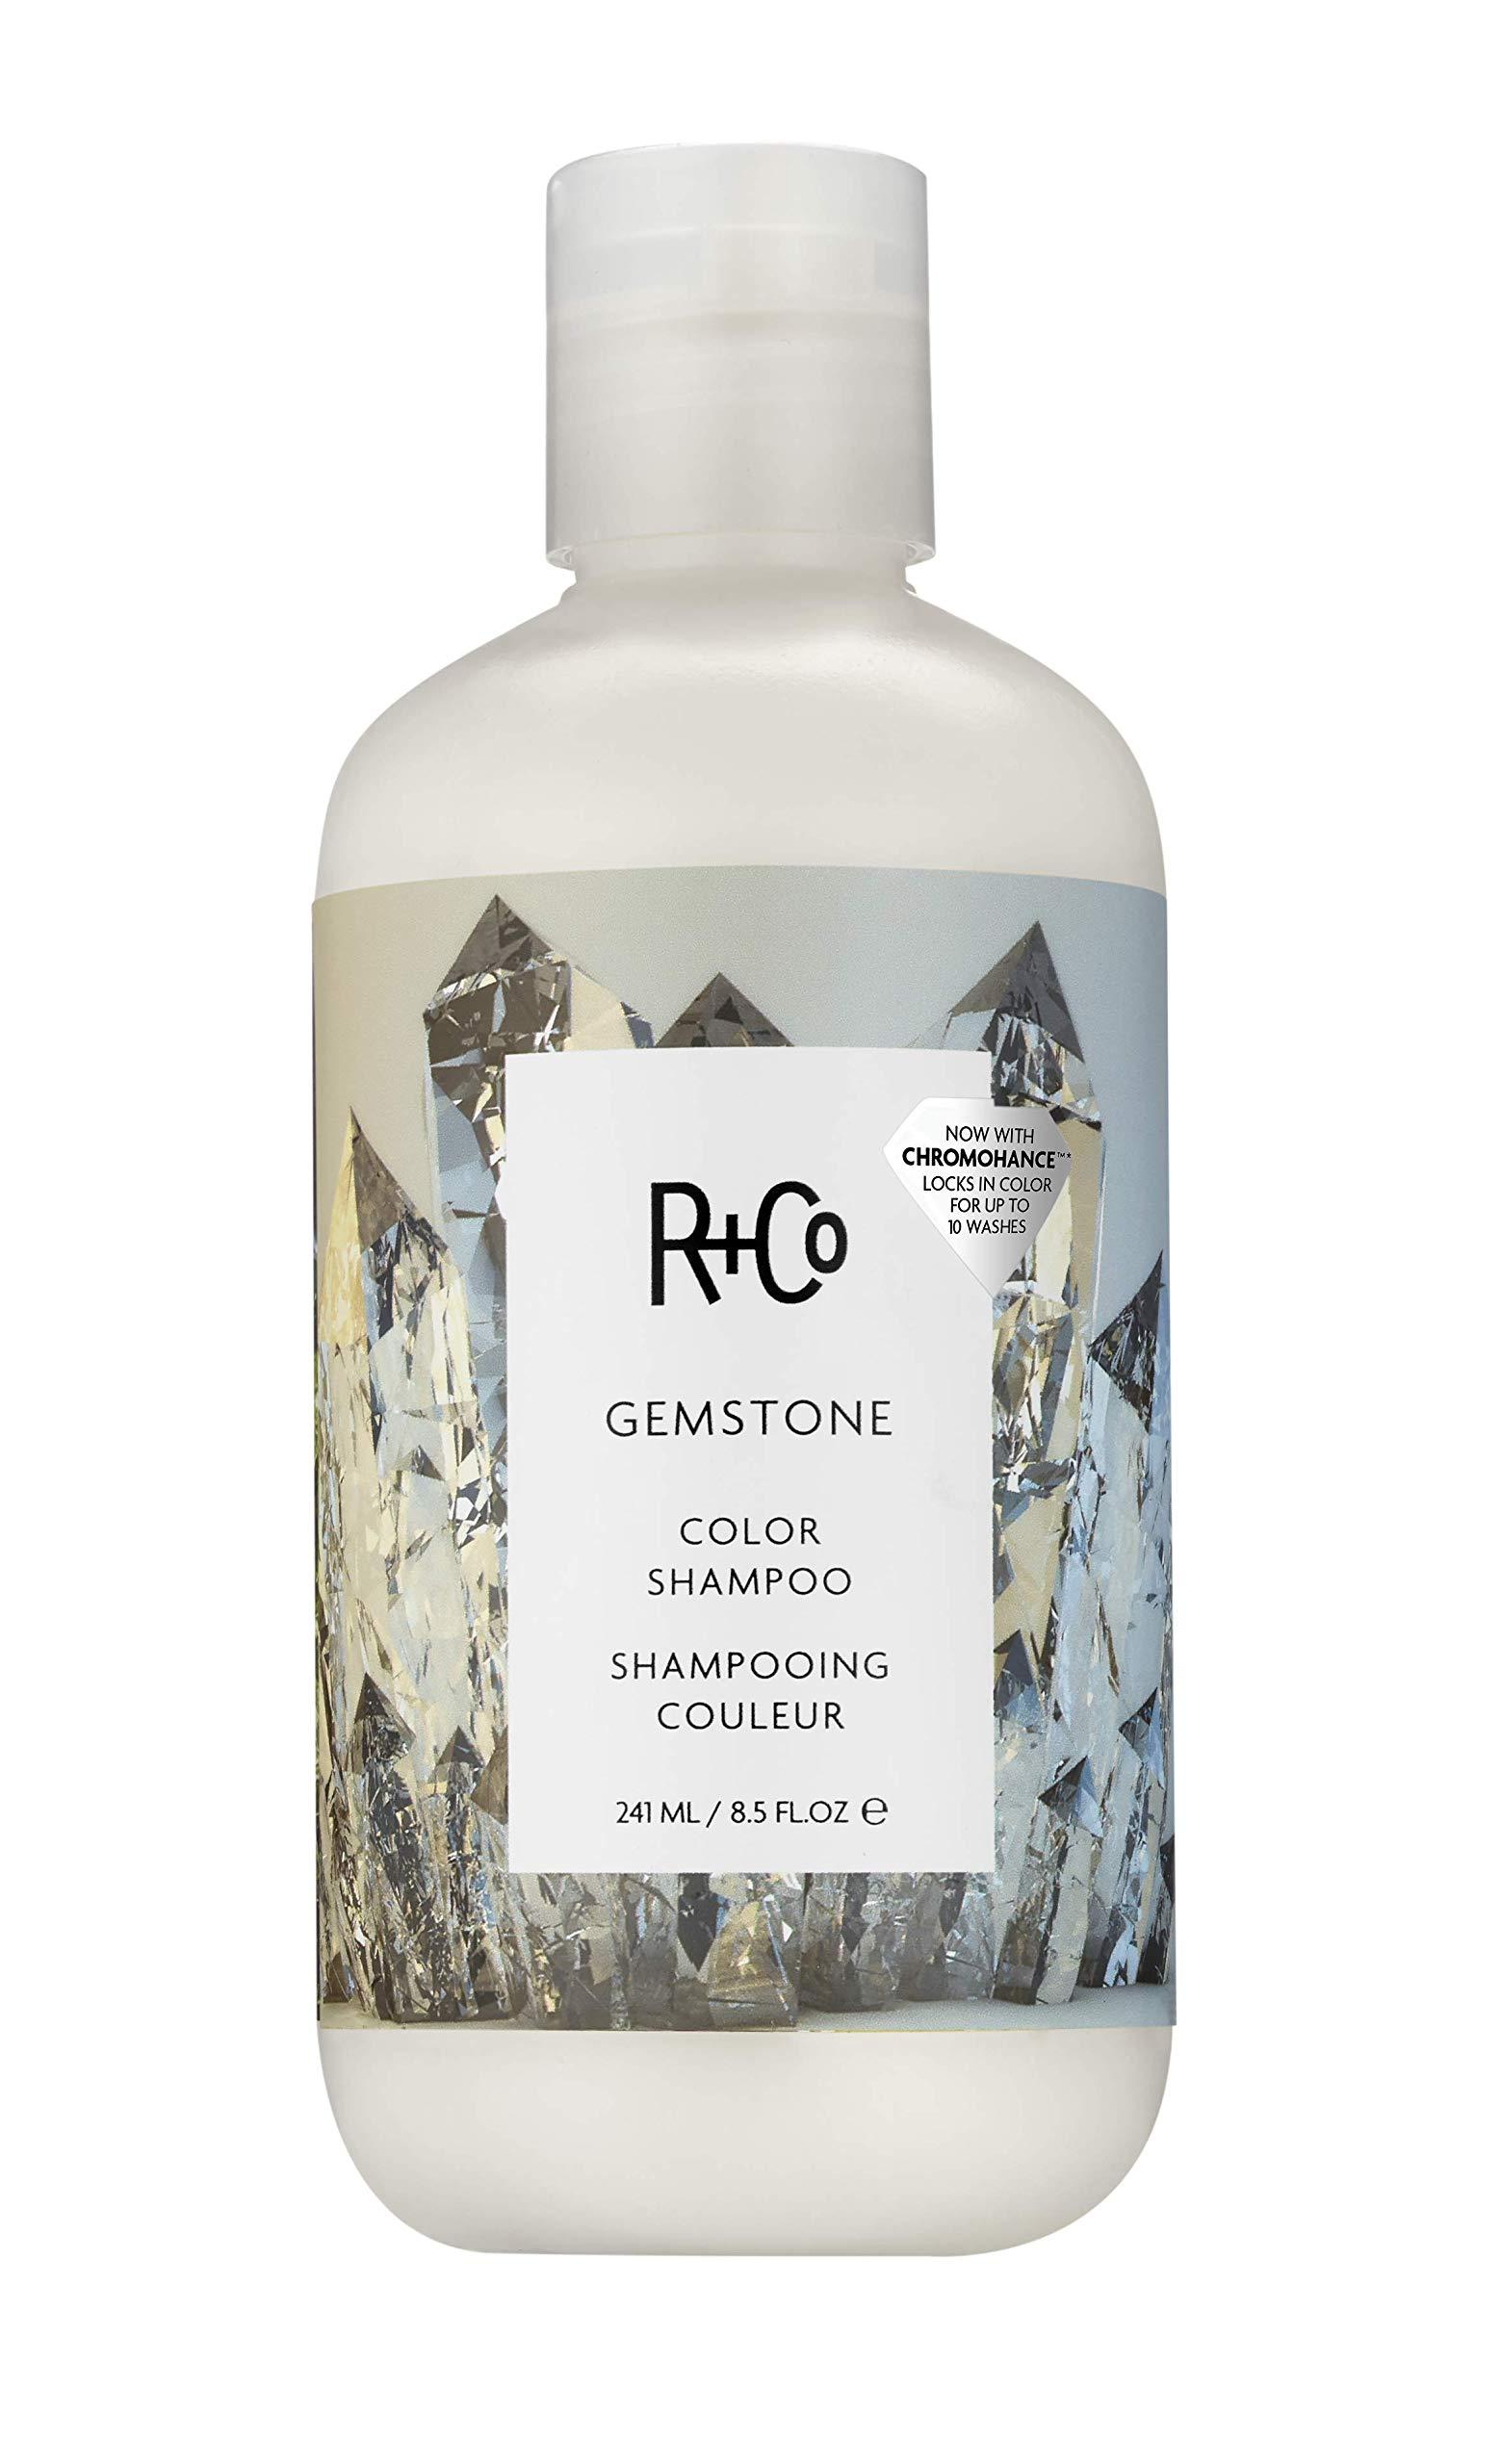 R+Co Gemstone Color Shampoo, 8.5 Fl Oz by R+Co